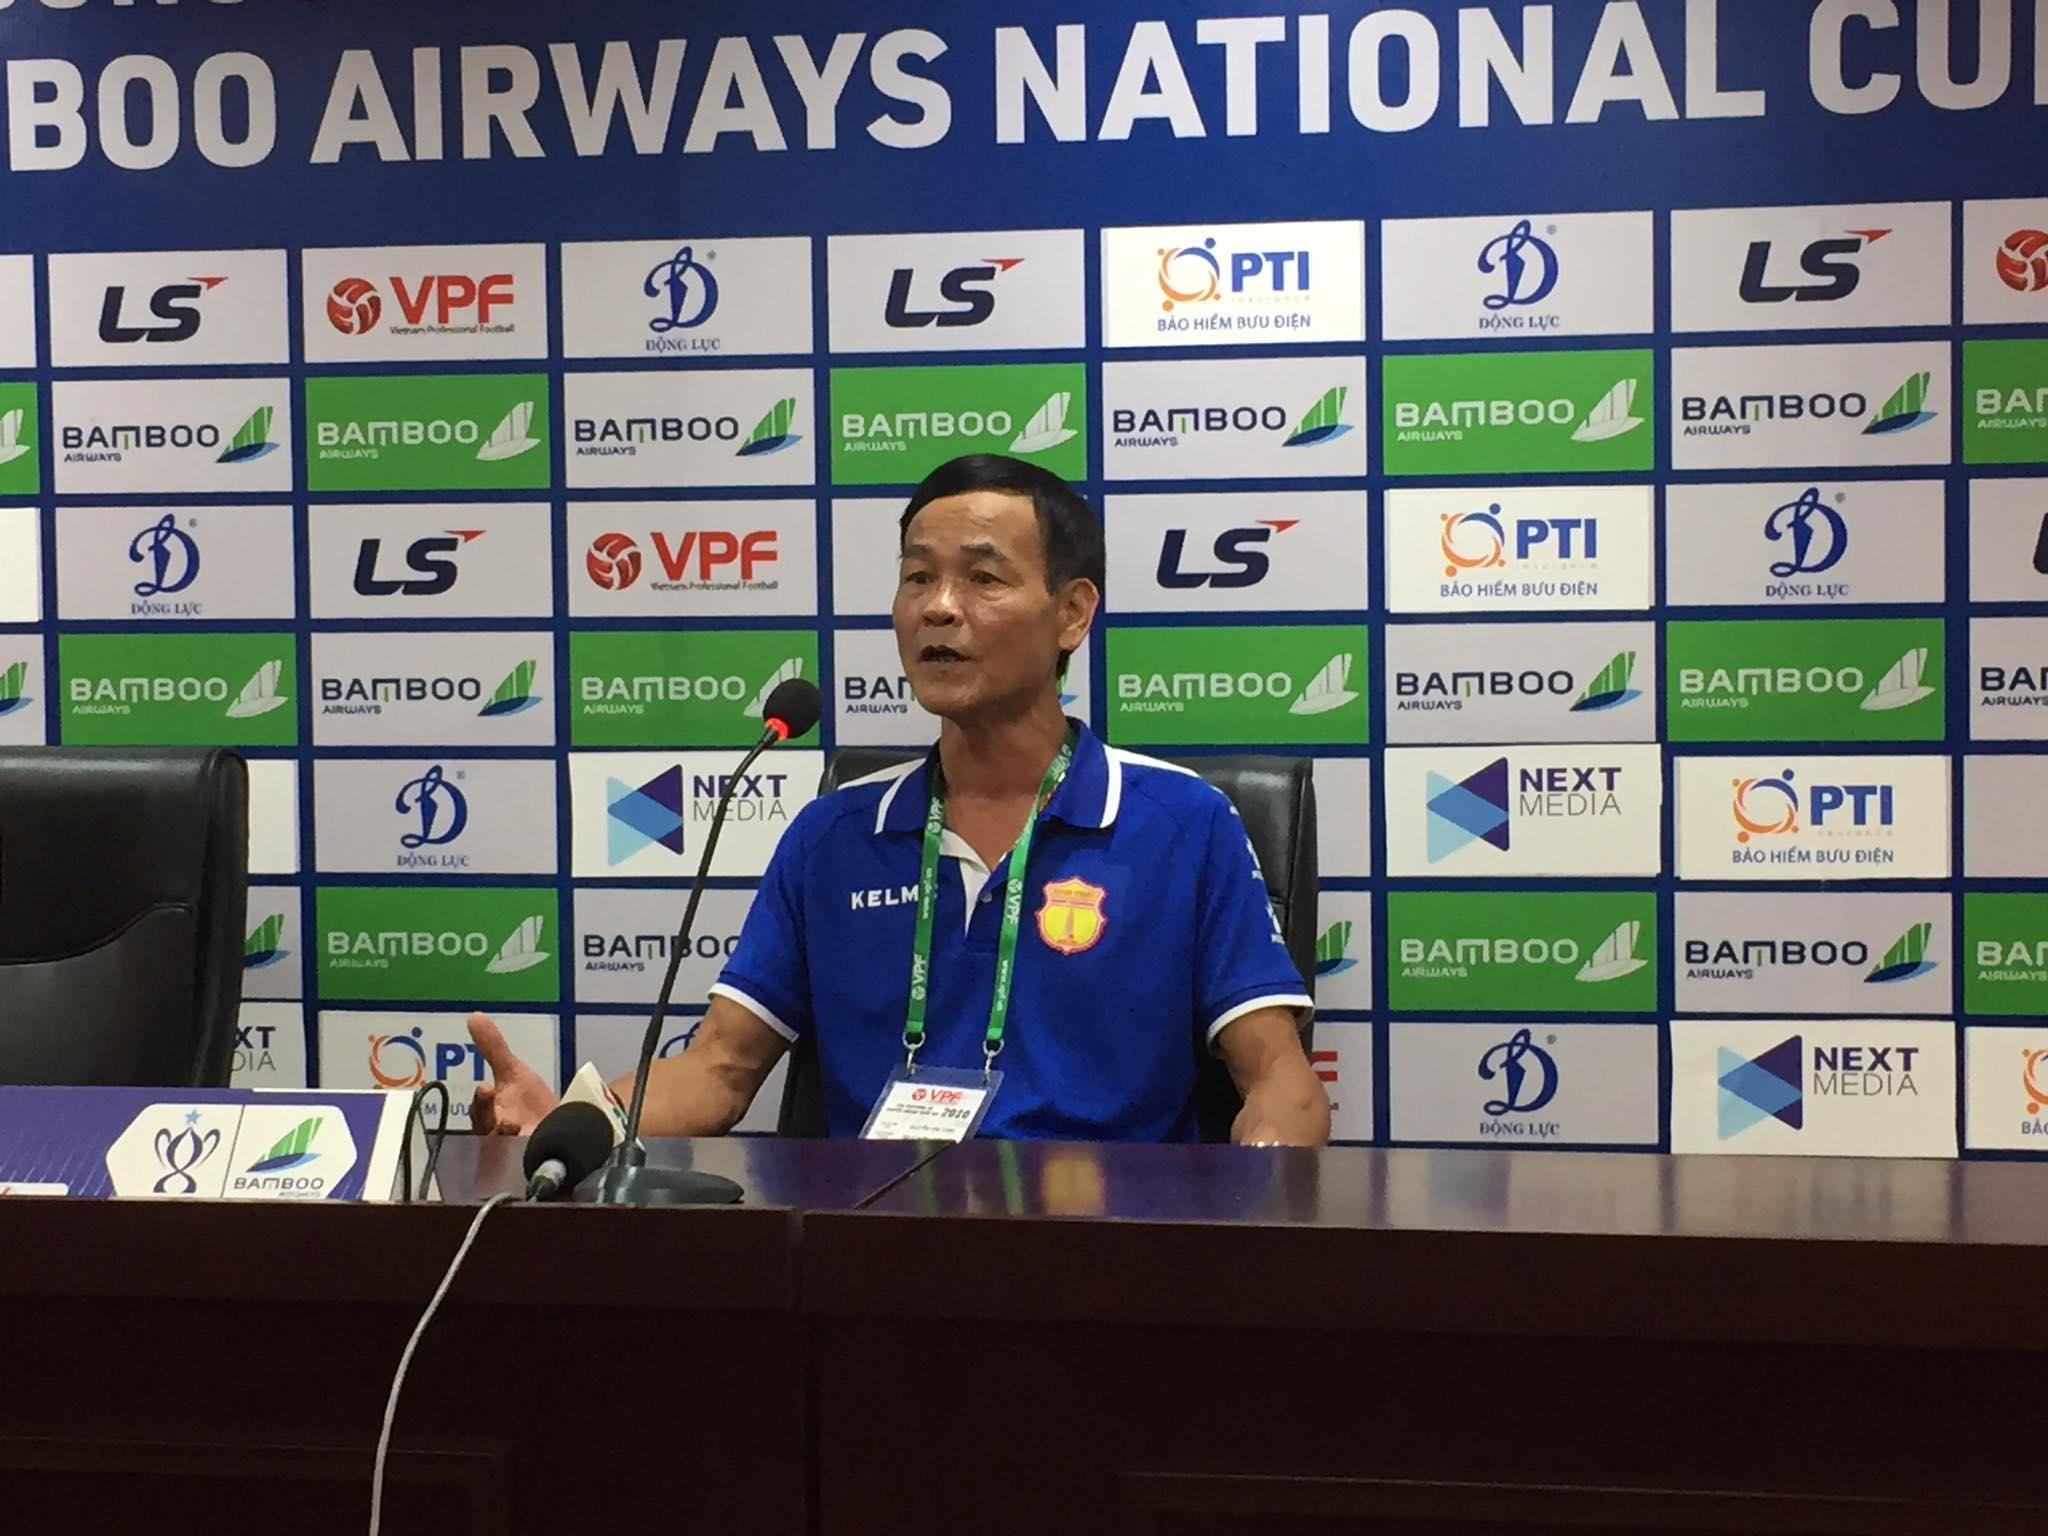 Trợ lý Nguyễn Văn Dũng hài lòng dù DNH.NĐ bị loại ở Cúp QG - Ảnh: Phan Tùng